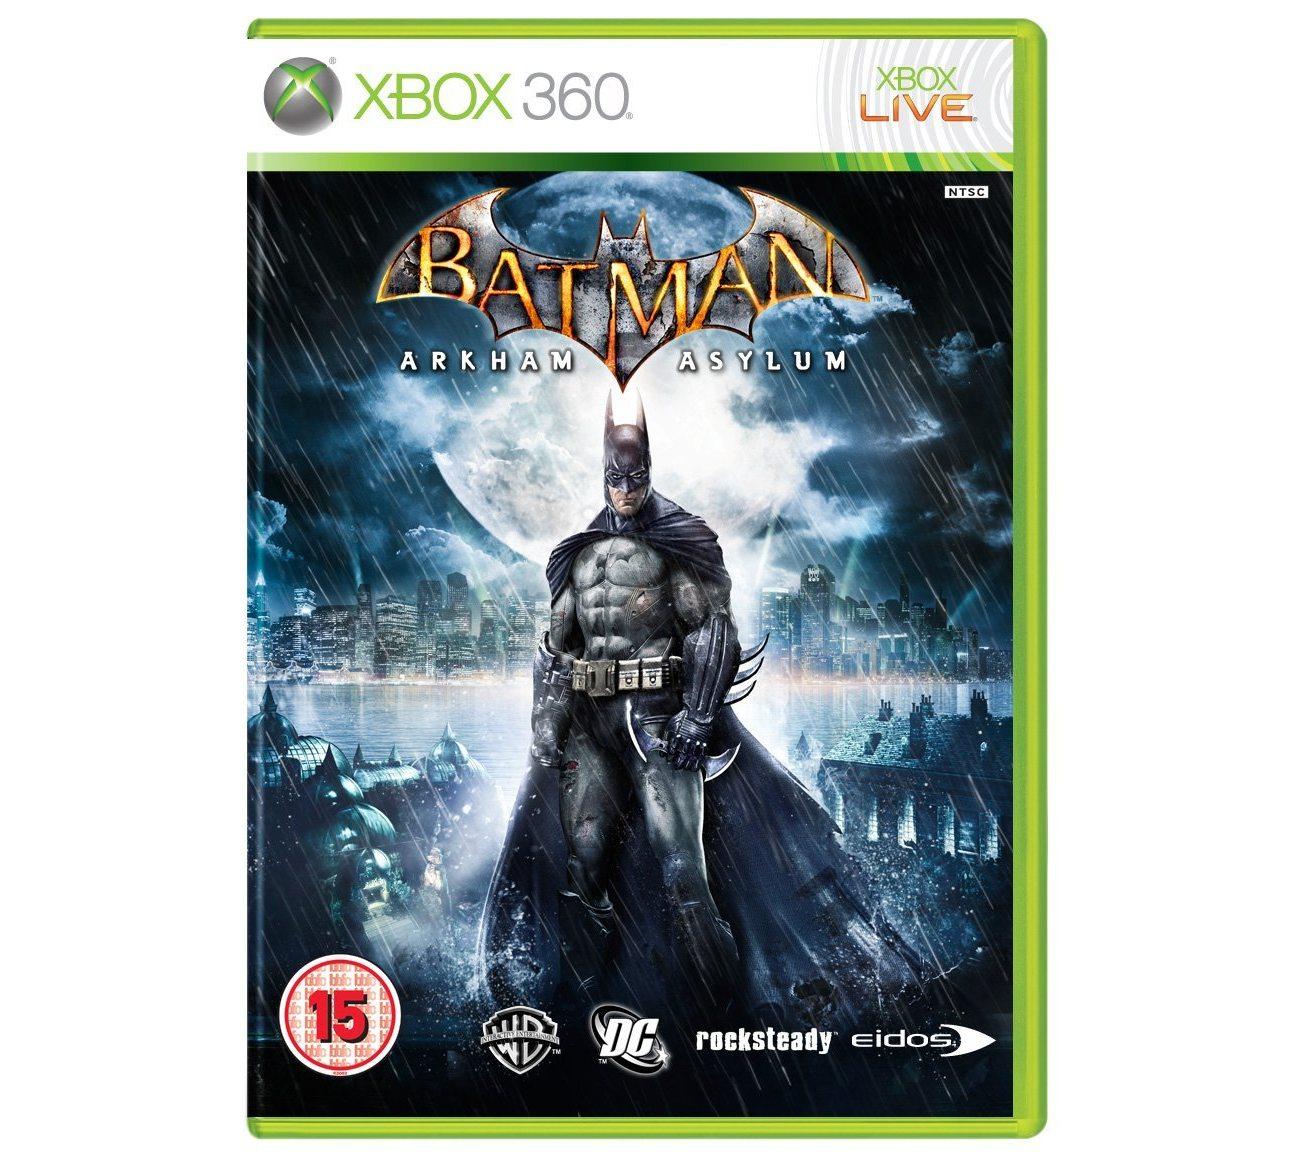 Xbox 360 Batman: Arkham Asylum Xbox 360